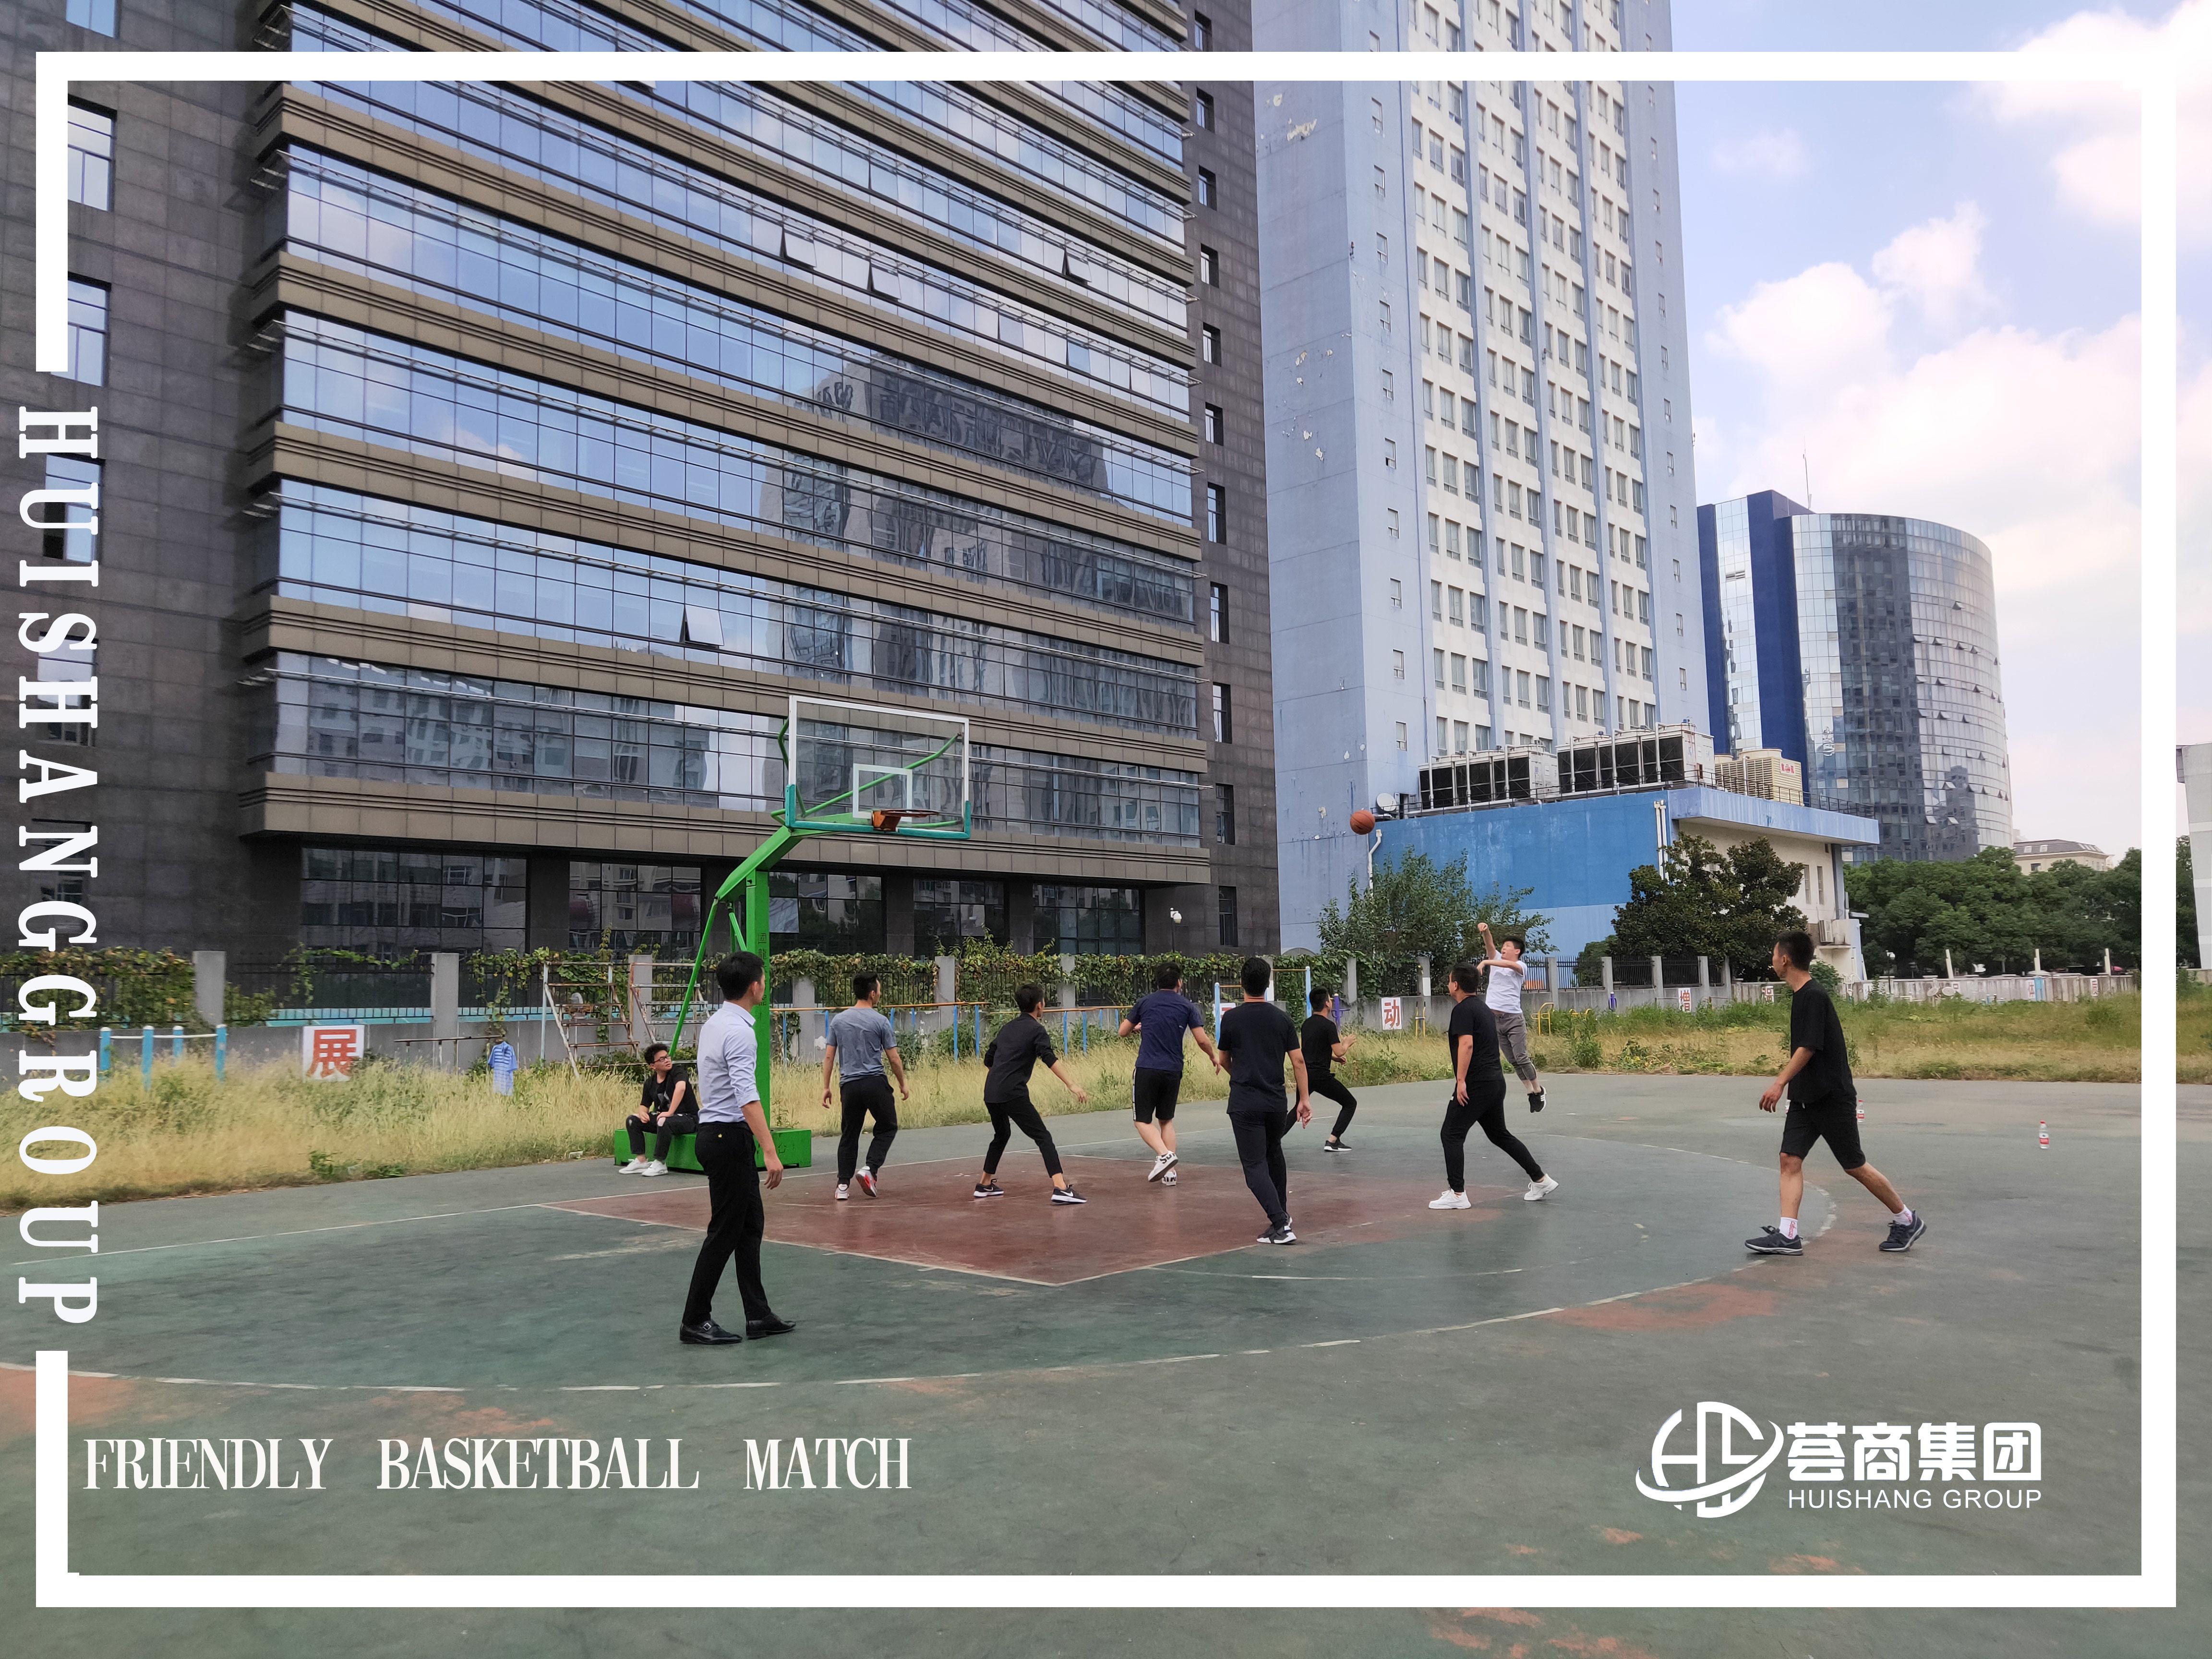 安徽荟商信息科技有限公司:篮球友谊赛